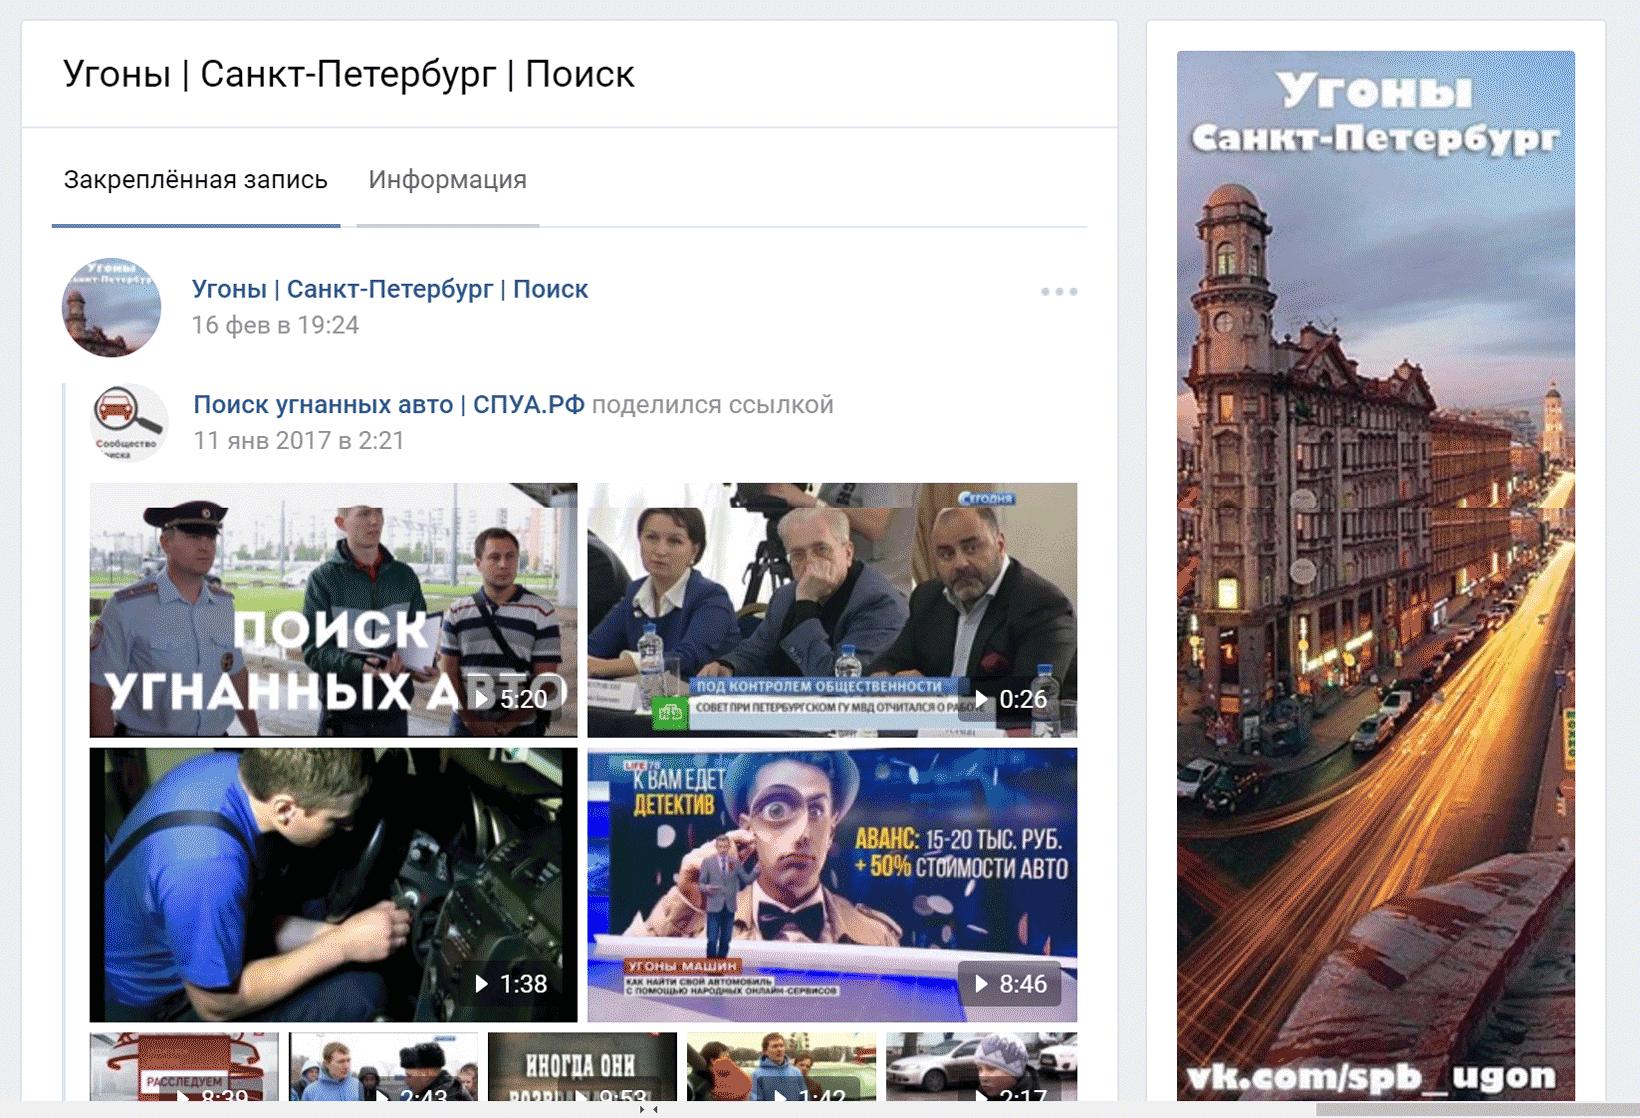 {Питерская группа}(https://vk.com/spb_ugon) во «Вконтакте»